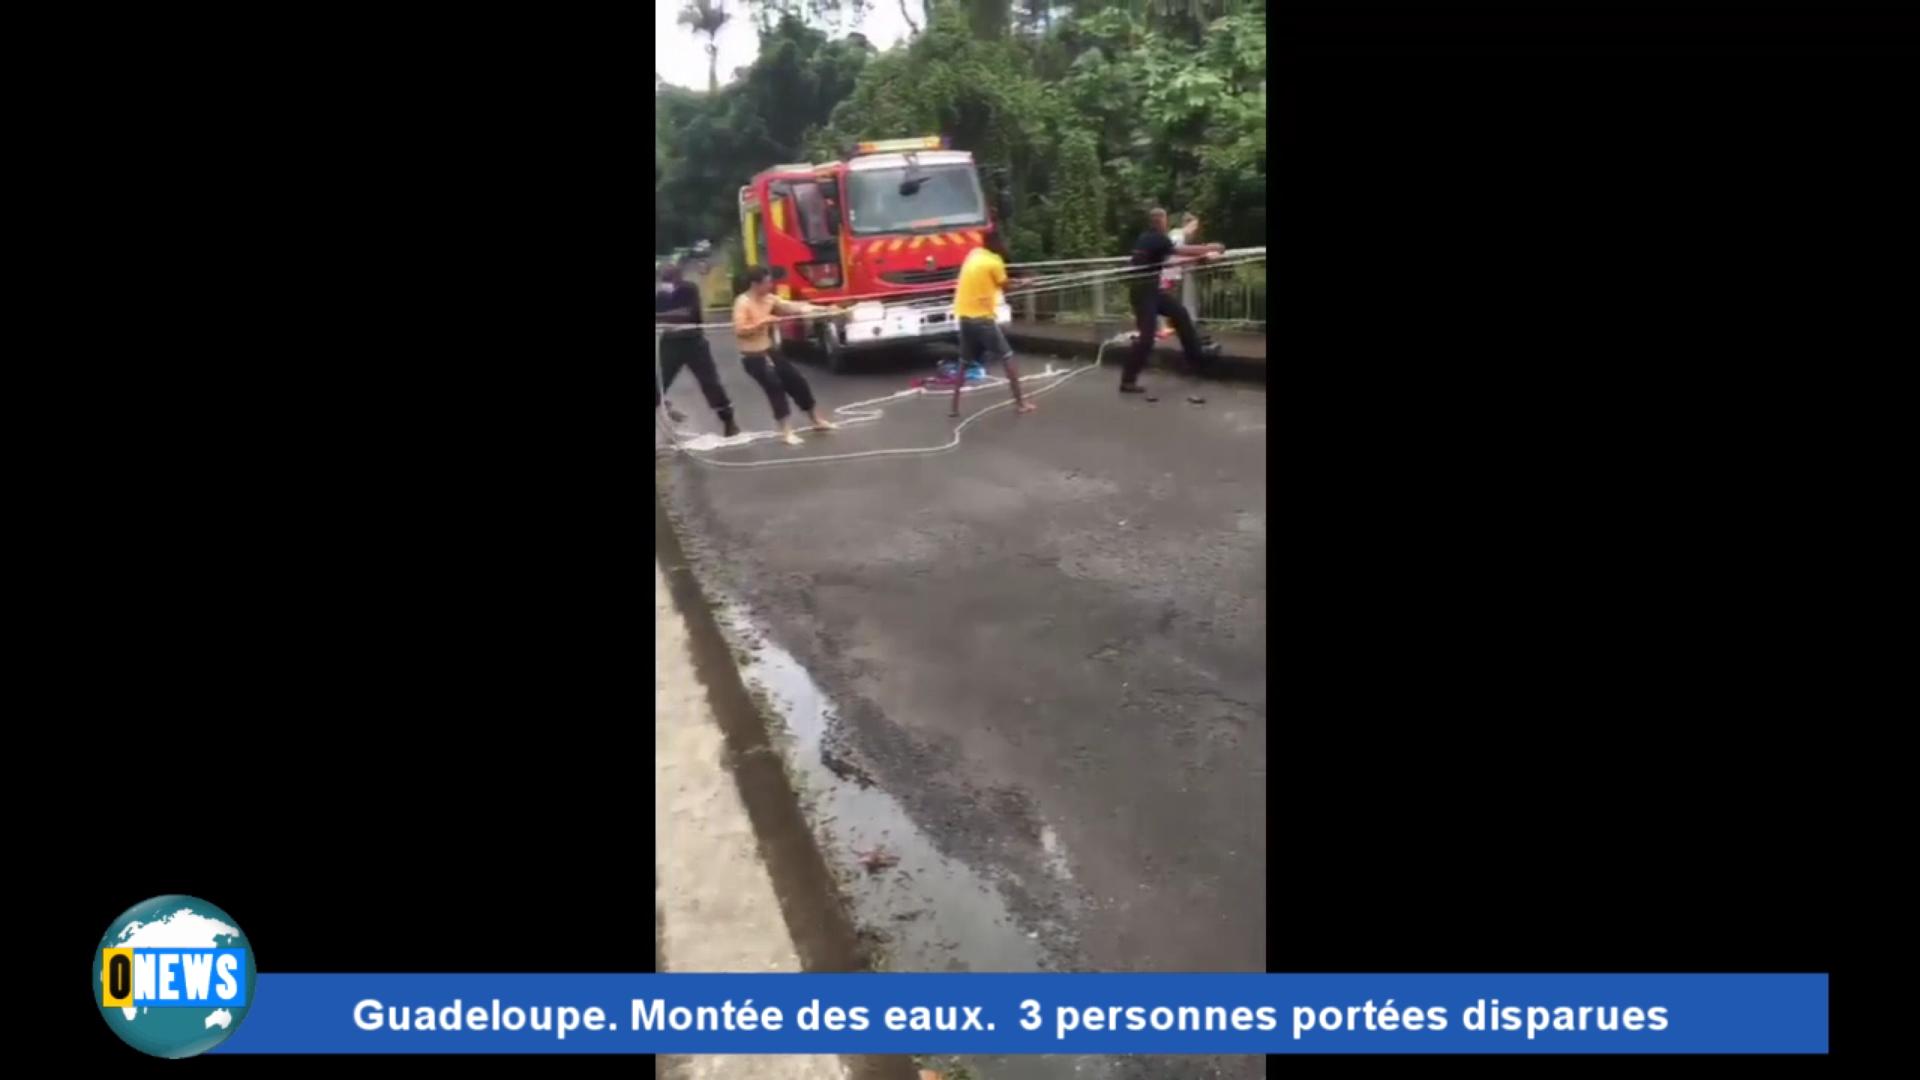 Onews Guadeloupe. Montée des eaux. 3 personnes portées disparues